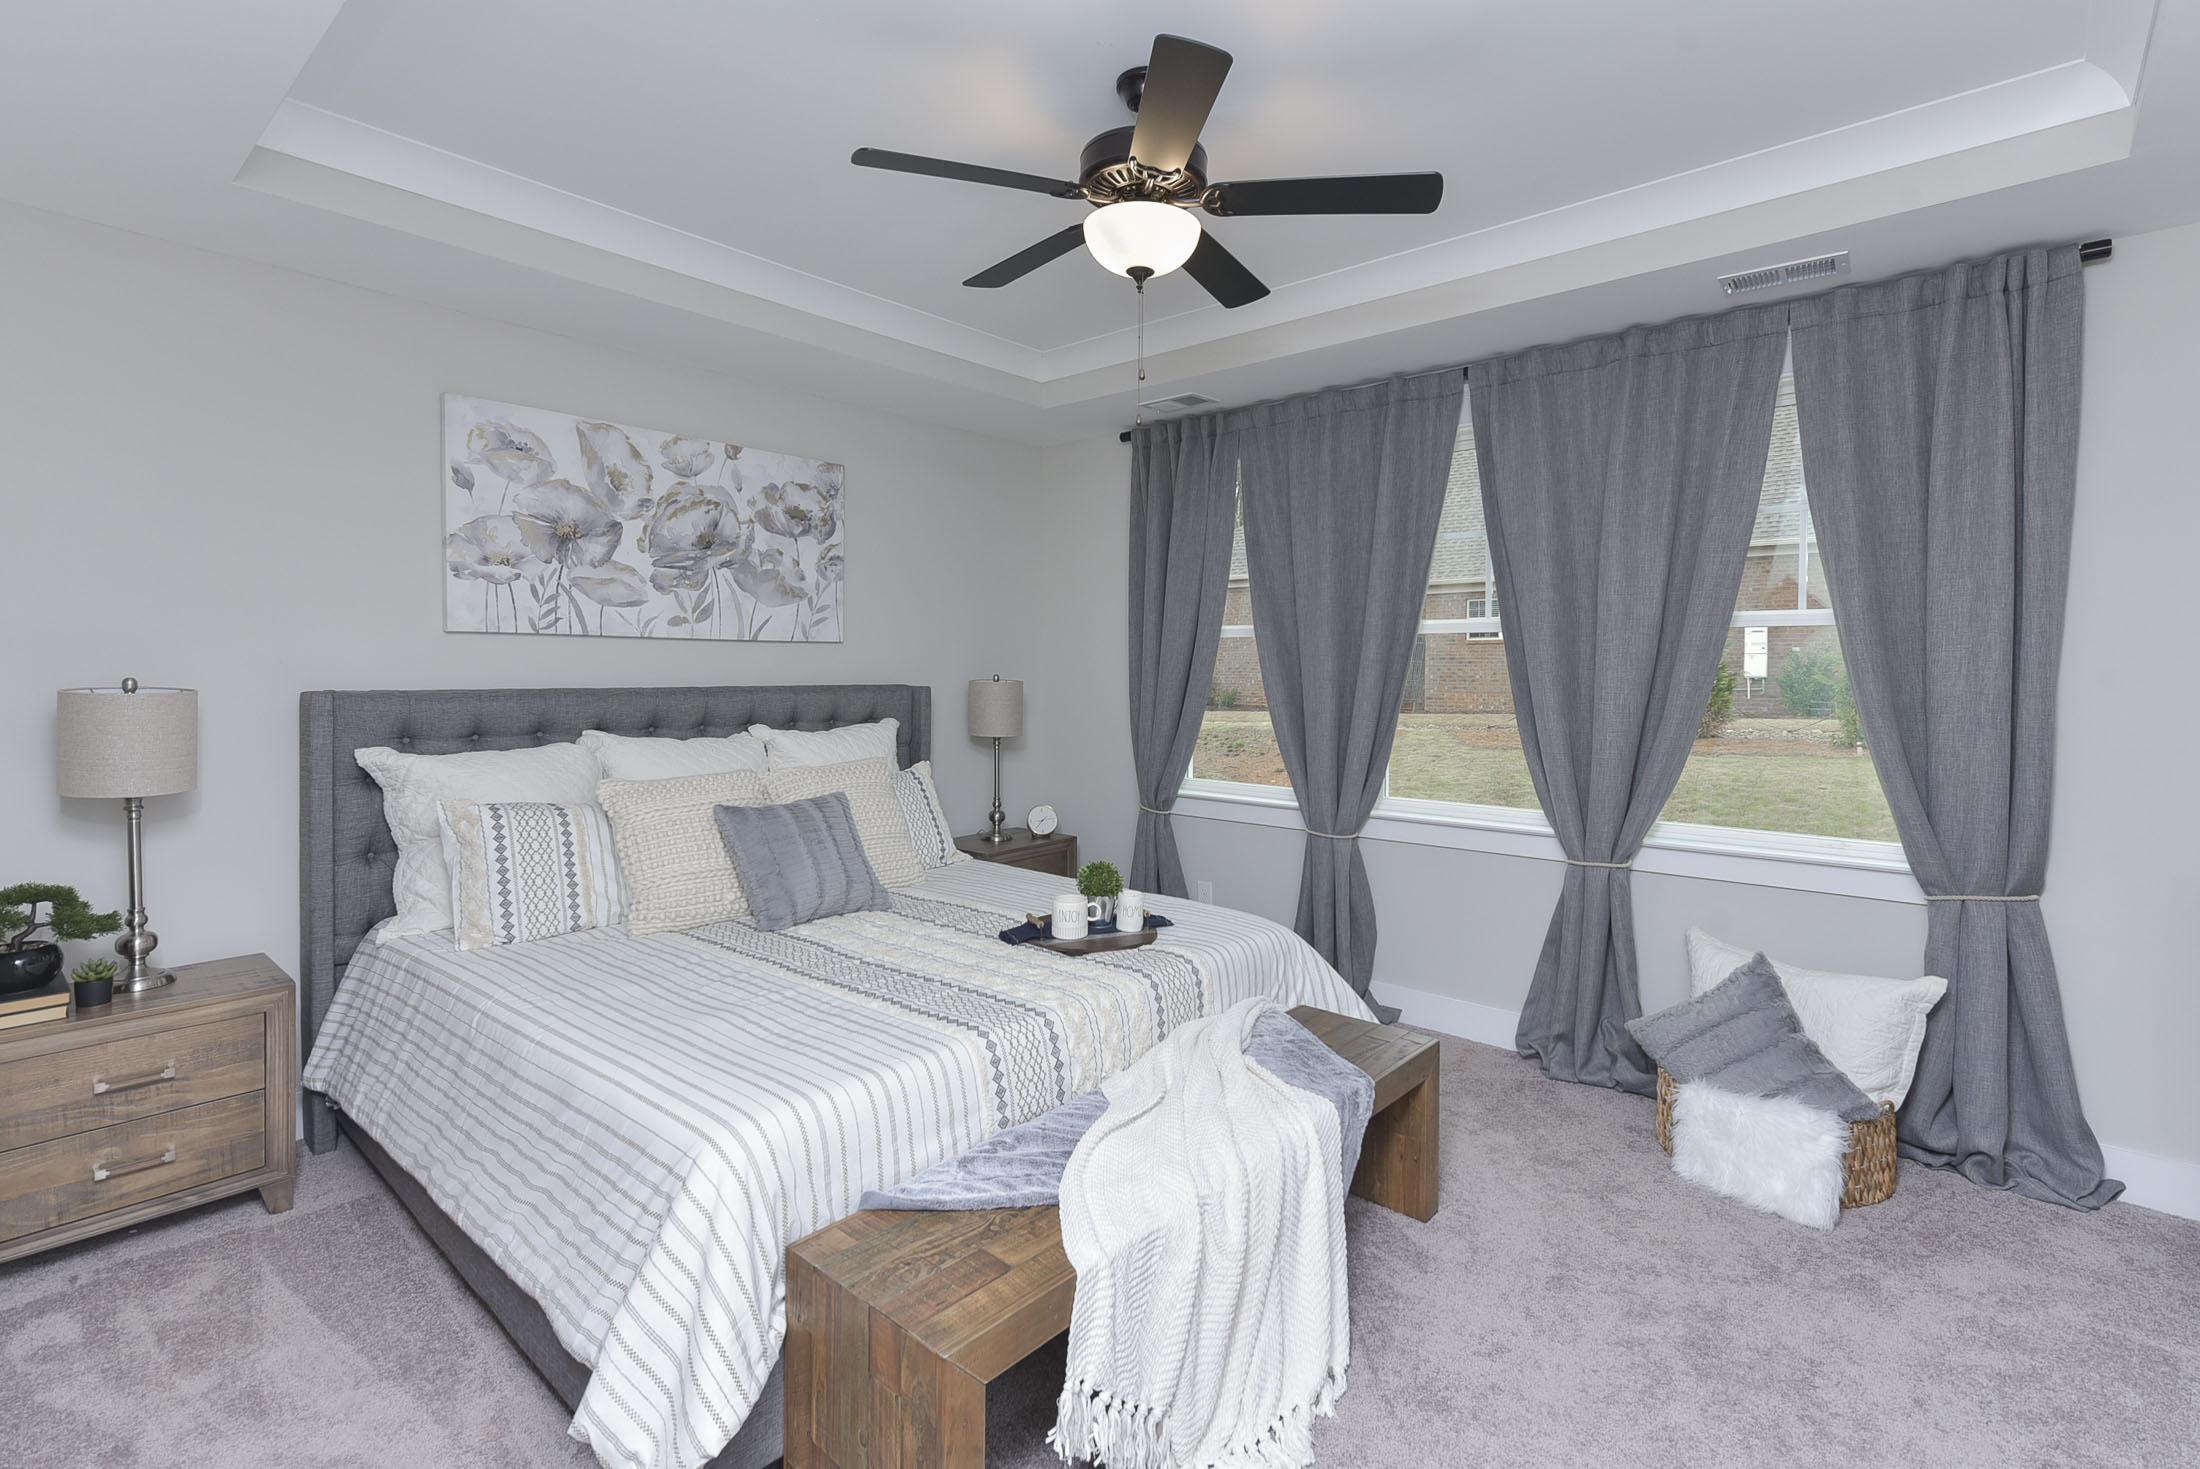 Fenwick Master Bedroom